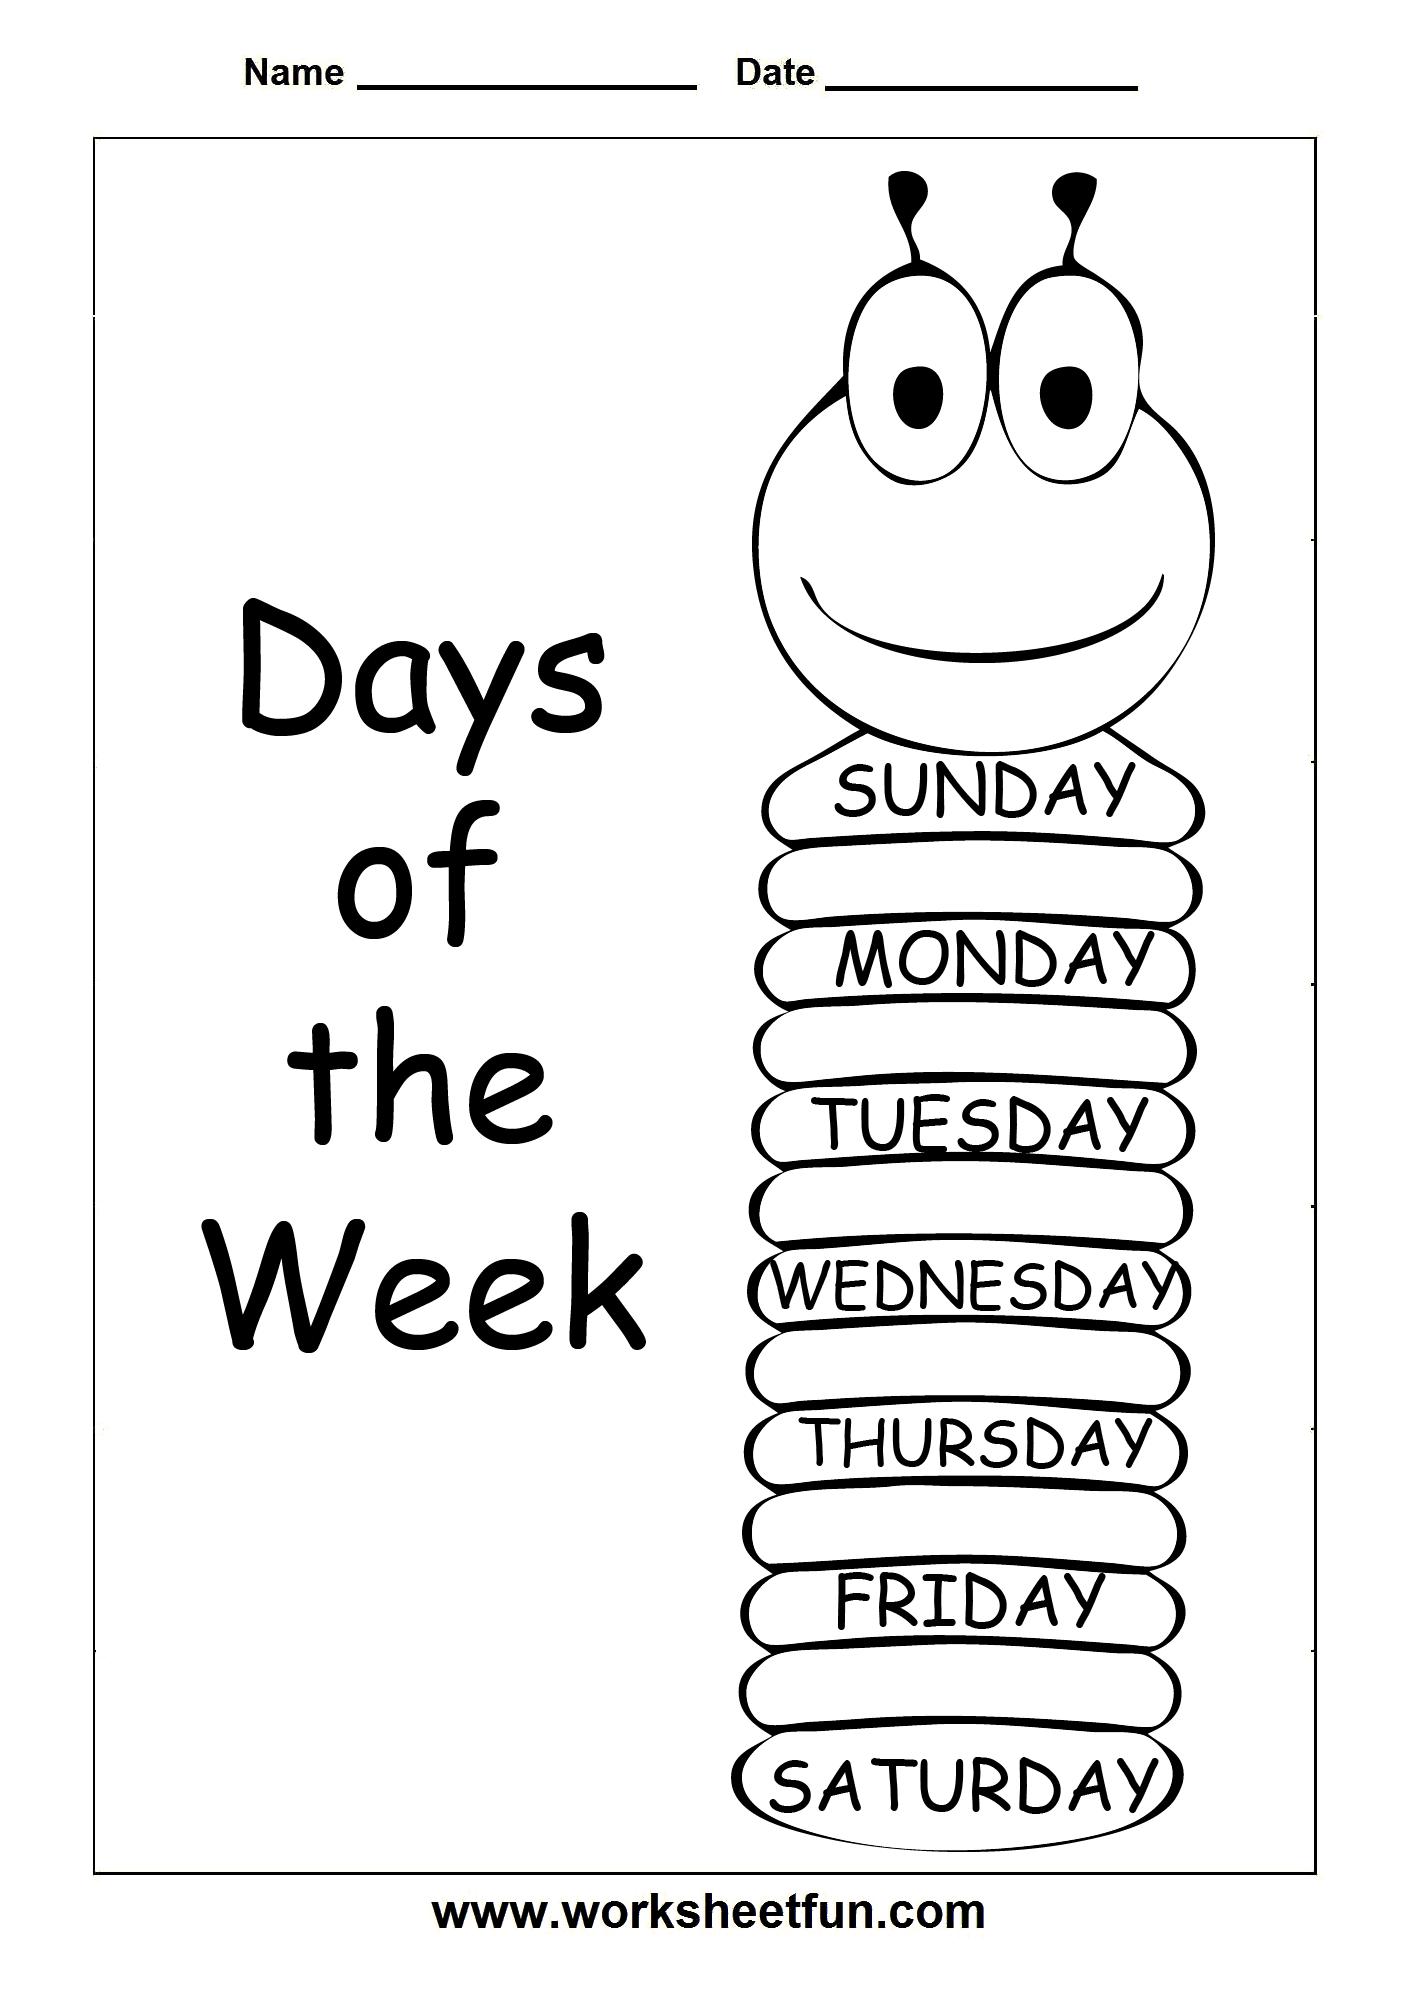 Days Of The Week 3 Worksheets Free Printable